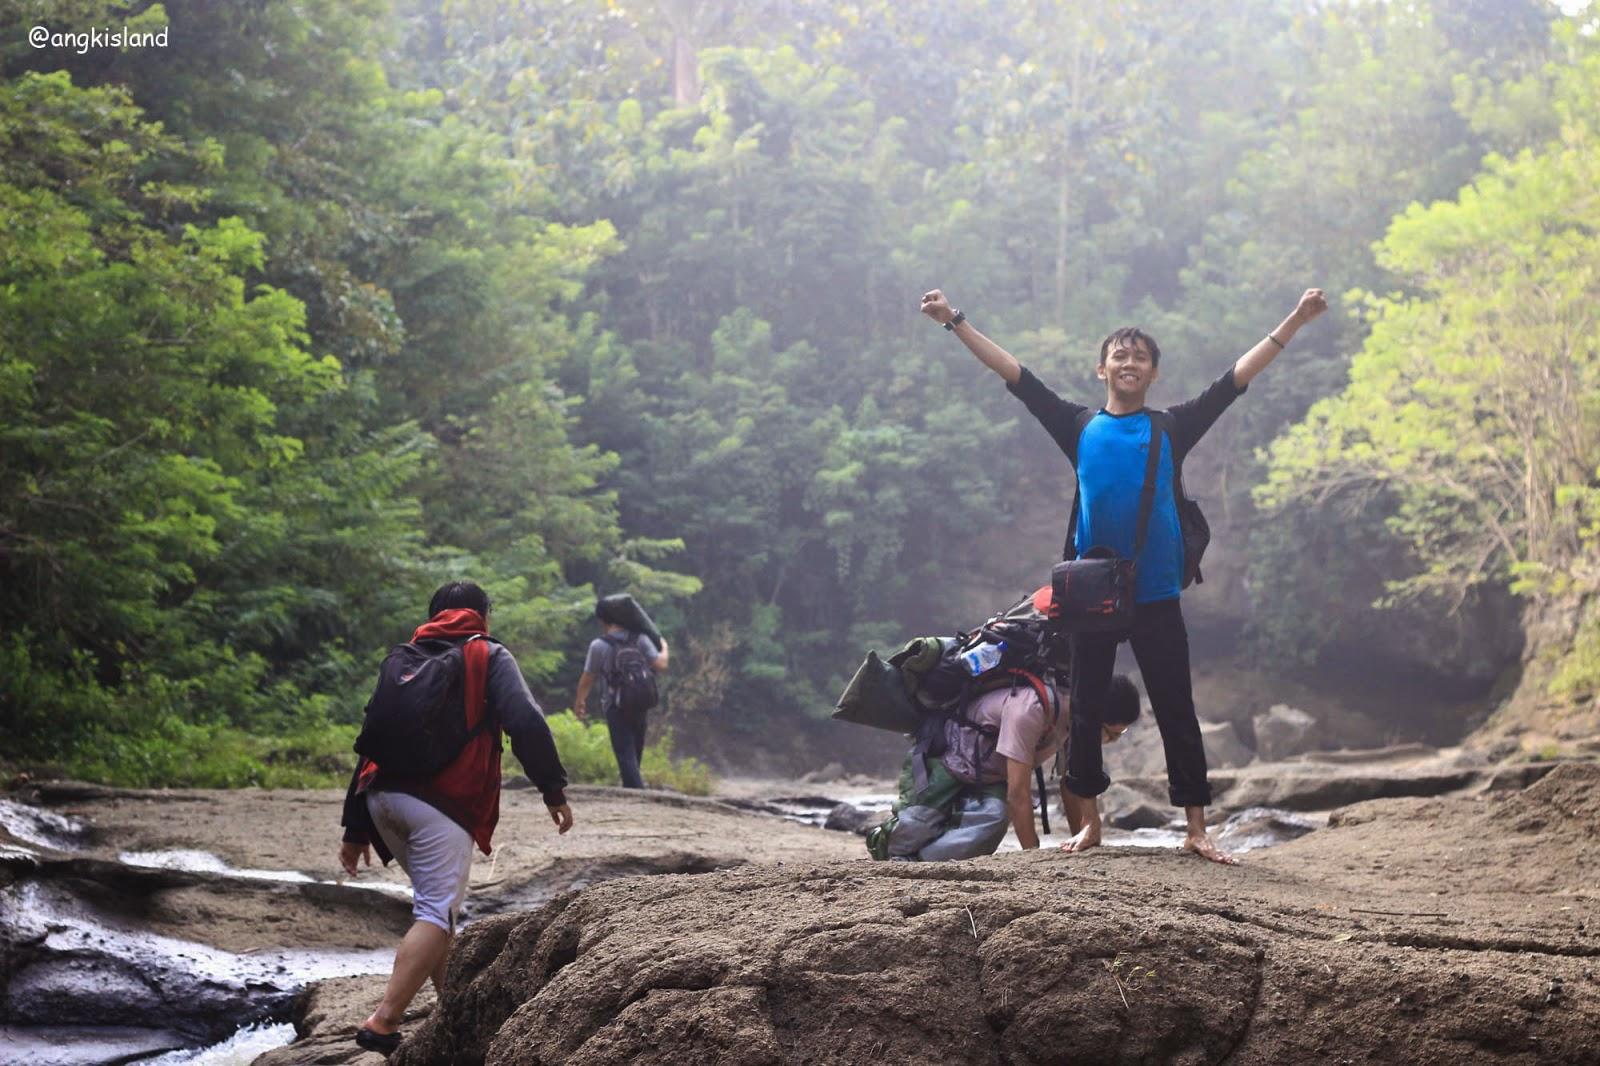 Awallun Jogja Indonesia